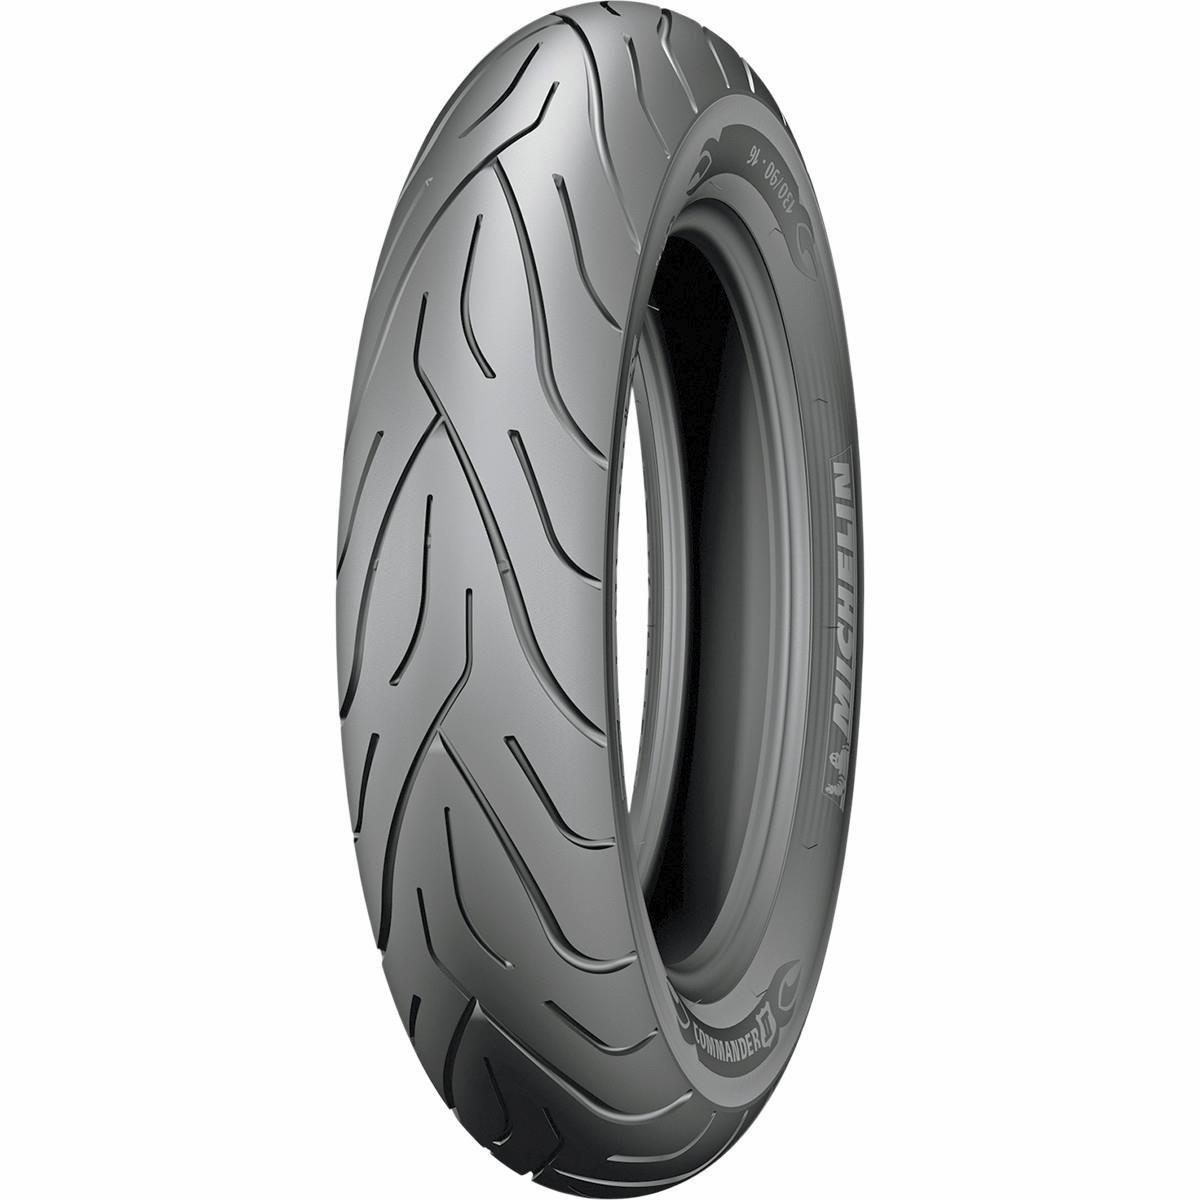 Michelin Commander II Reinforced Motorcycle Tire Cruiser Rear 150//70-18 76H